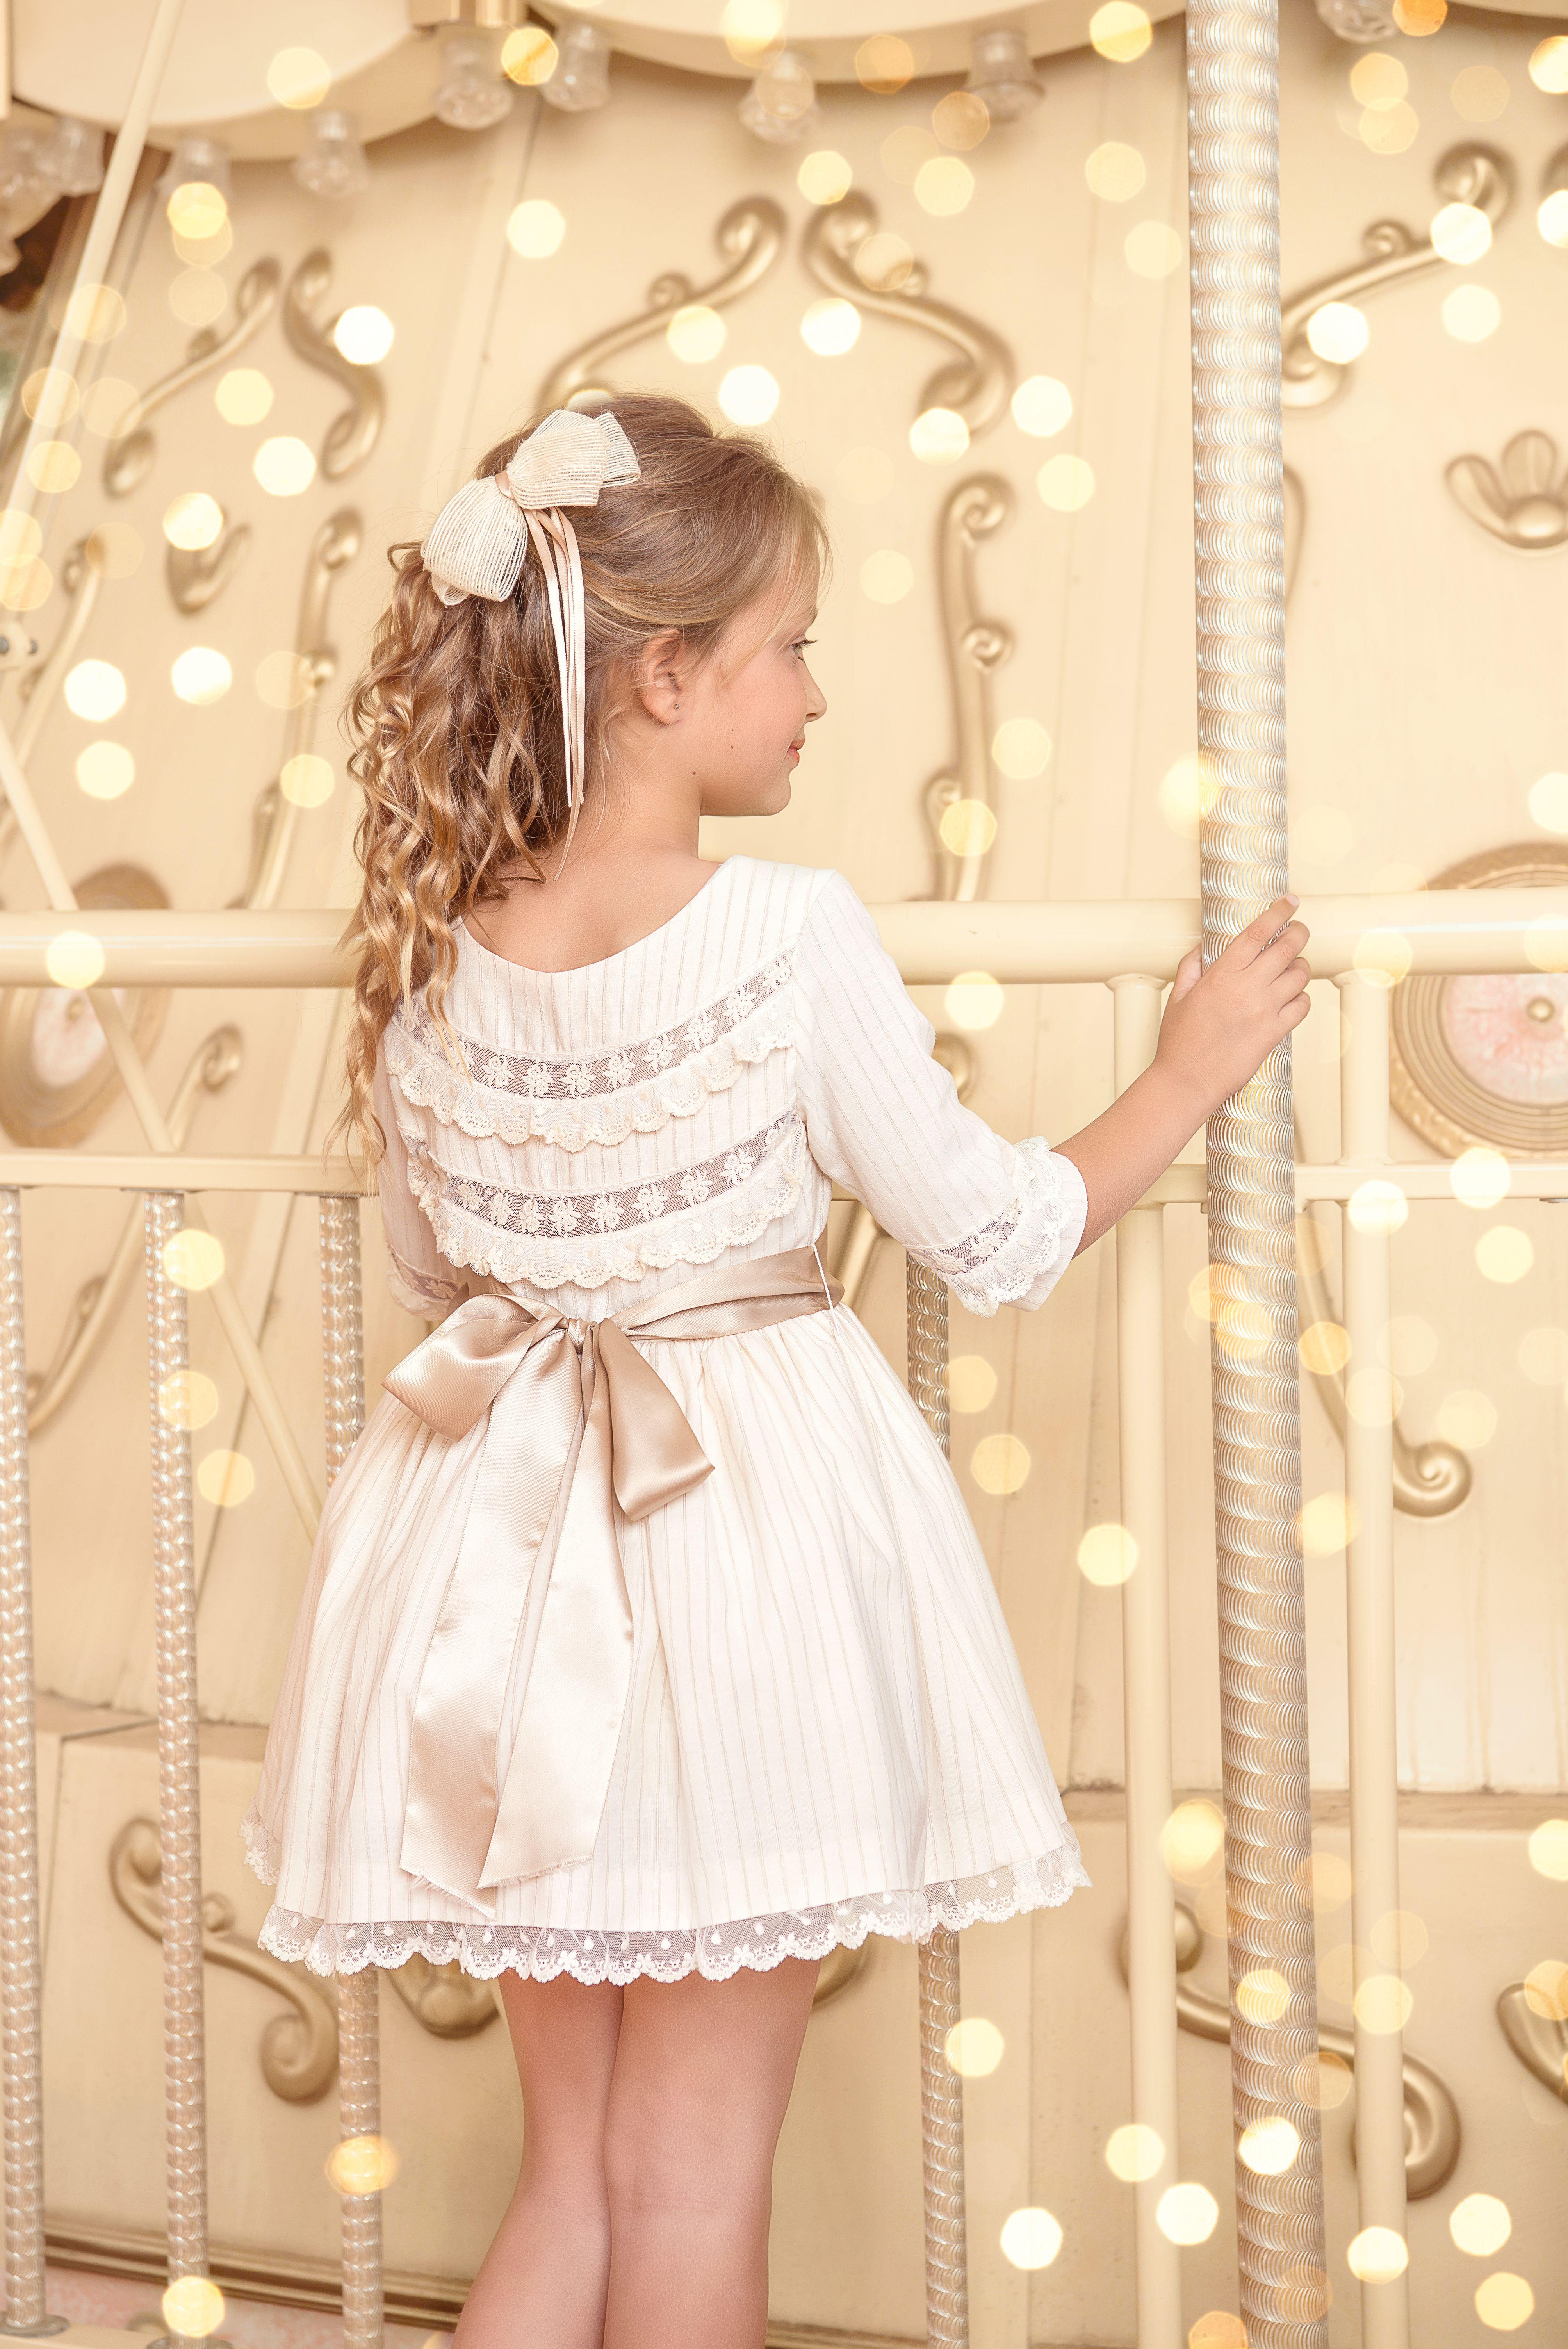 b28215362 Vestido de ceremonia para niña en tejido a rayas beige con hilo metalizado  plateado sobre fondo